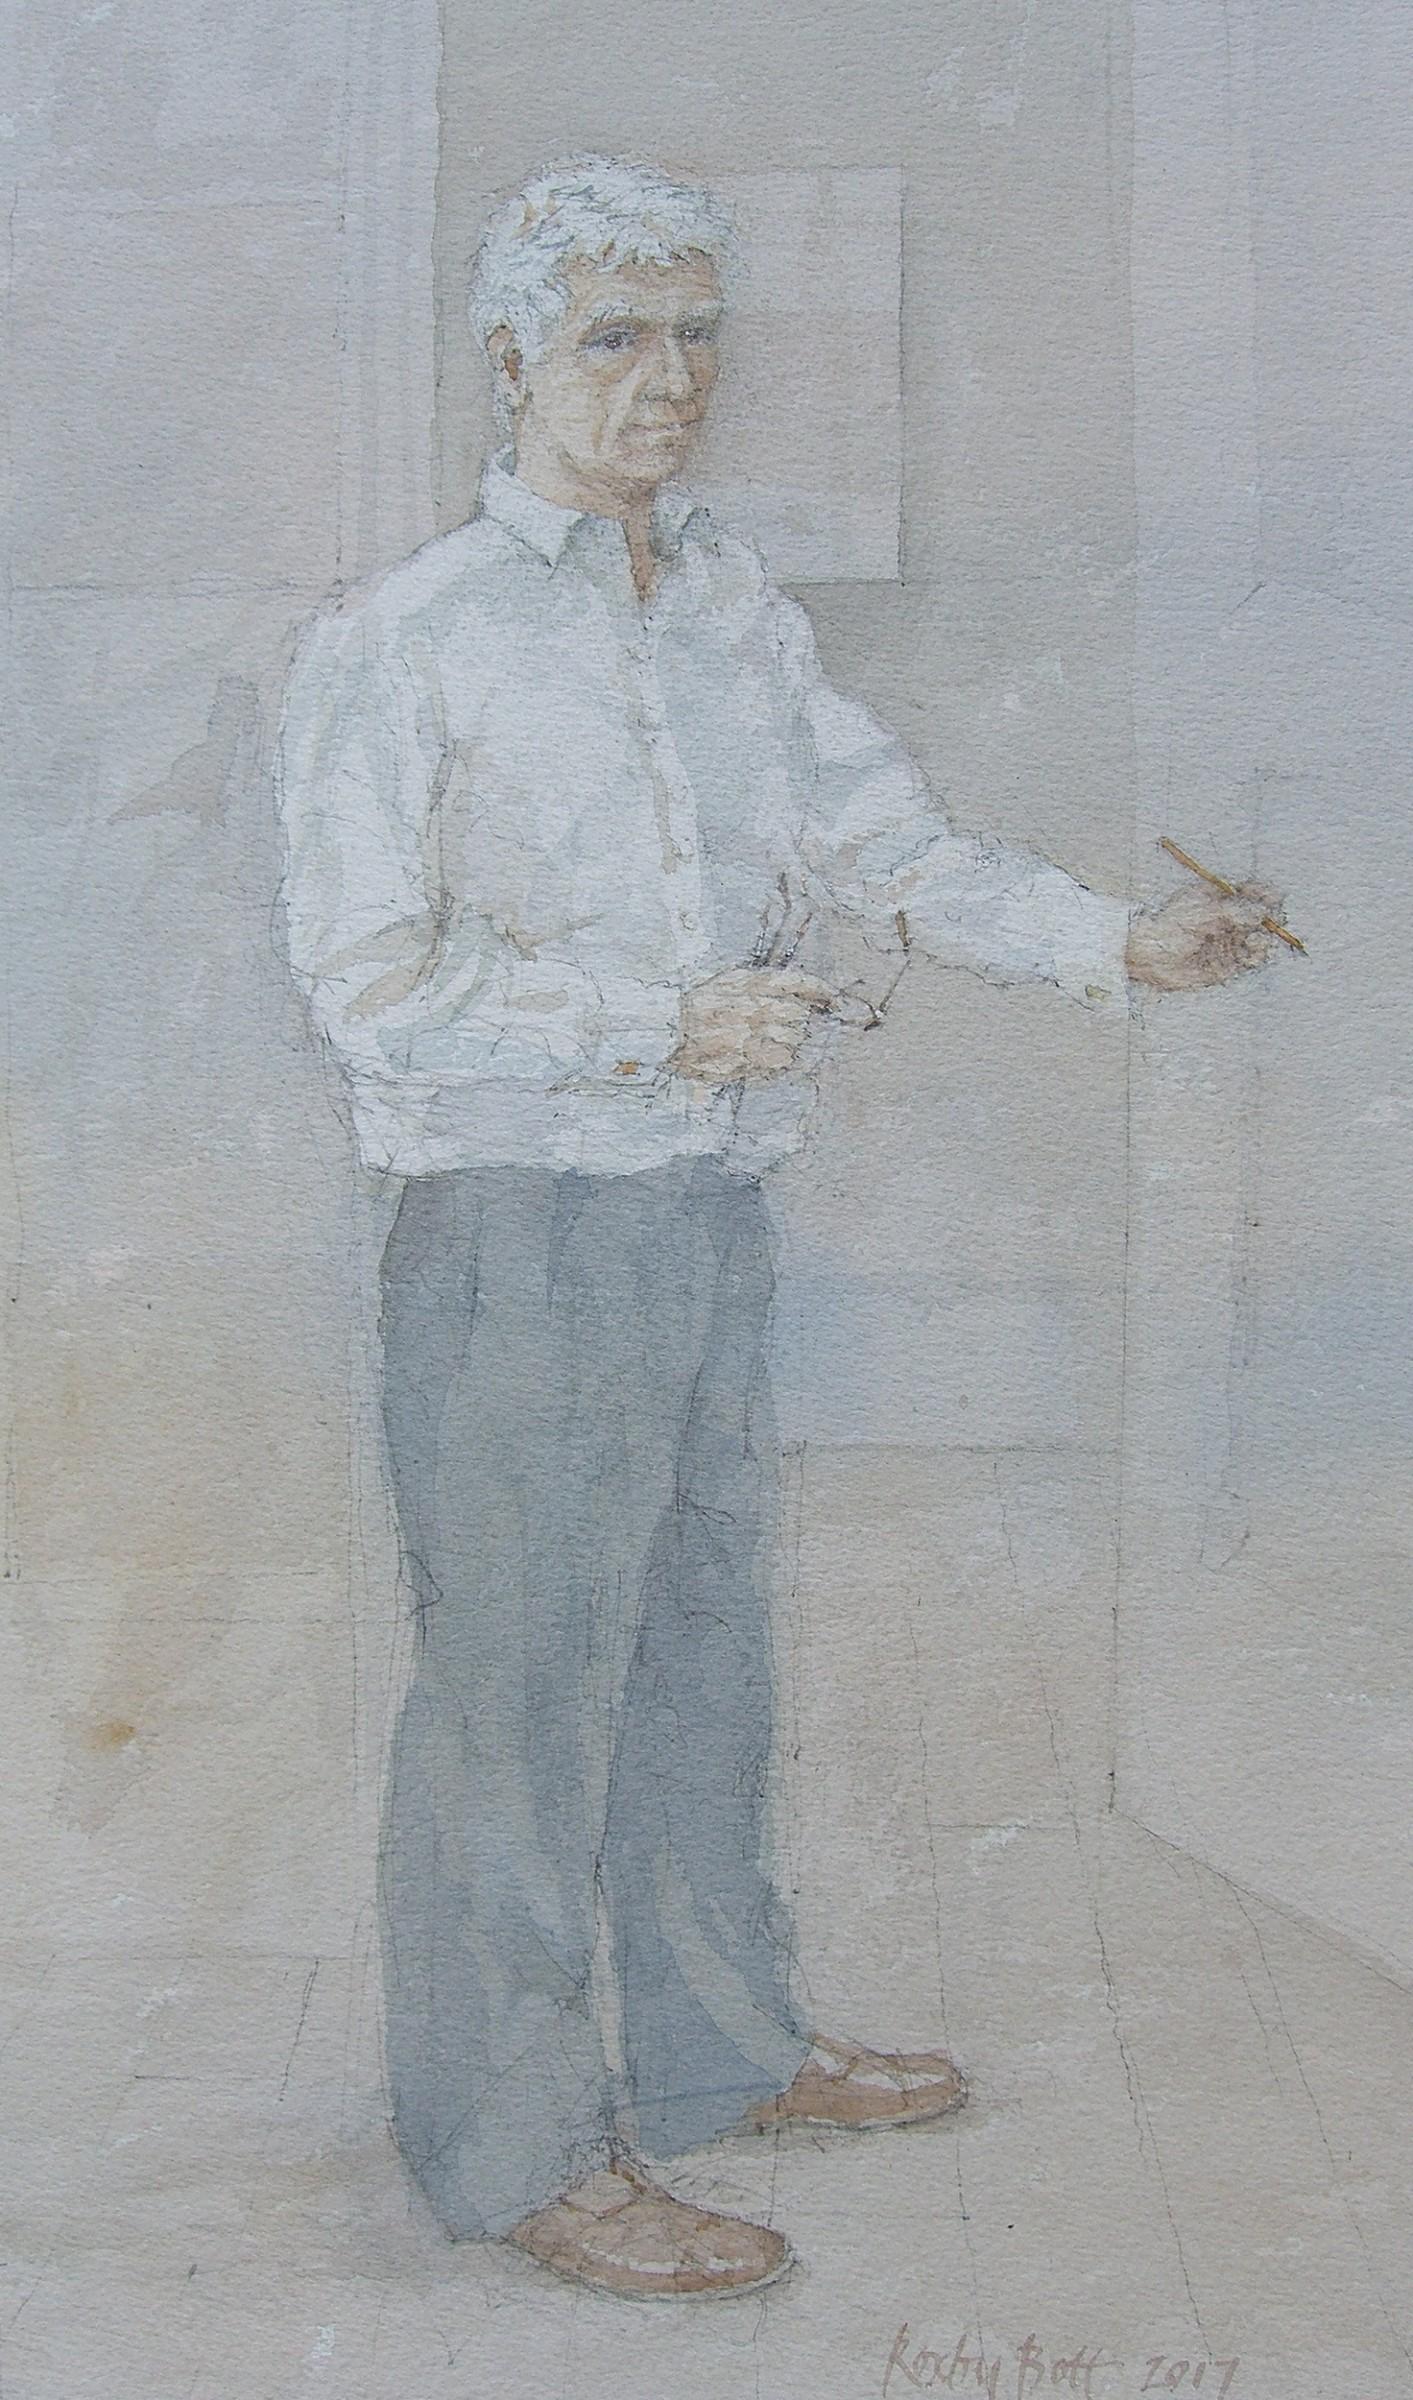 <span class=&#34;link fancybox-details-link&#34;><a href=&#34;/exhibitions/24/works/artworks_standalone10796/&#34;>View Detail Page</a></span><div class=&#34;artist&#34;><span class=&#34;artist&#34;><strong>Dennis Roxby Bott</strong></span></div><div class=&#34;title&#34;><em>Self Portrait</em></div><div class=&#34;medium&#34;>watercolour</div><div class=&#34;dimensions&#34;>69x48cm</div>